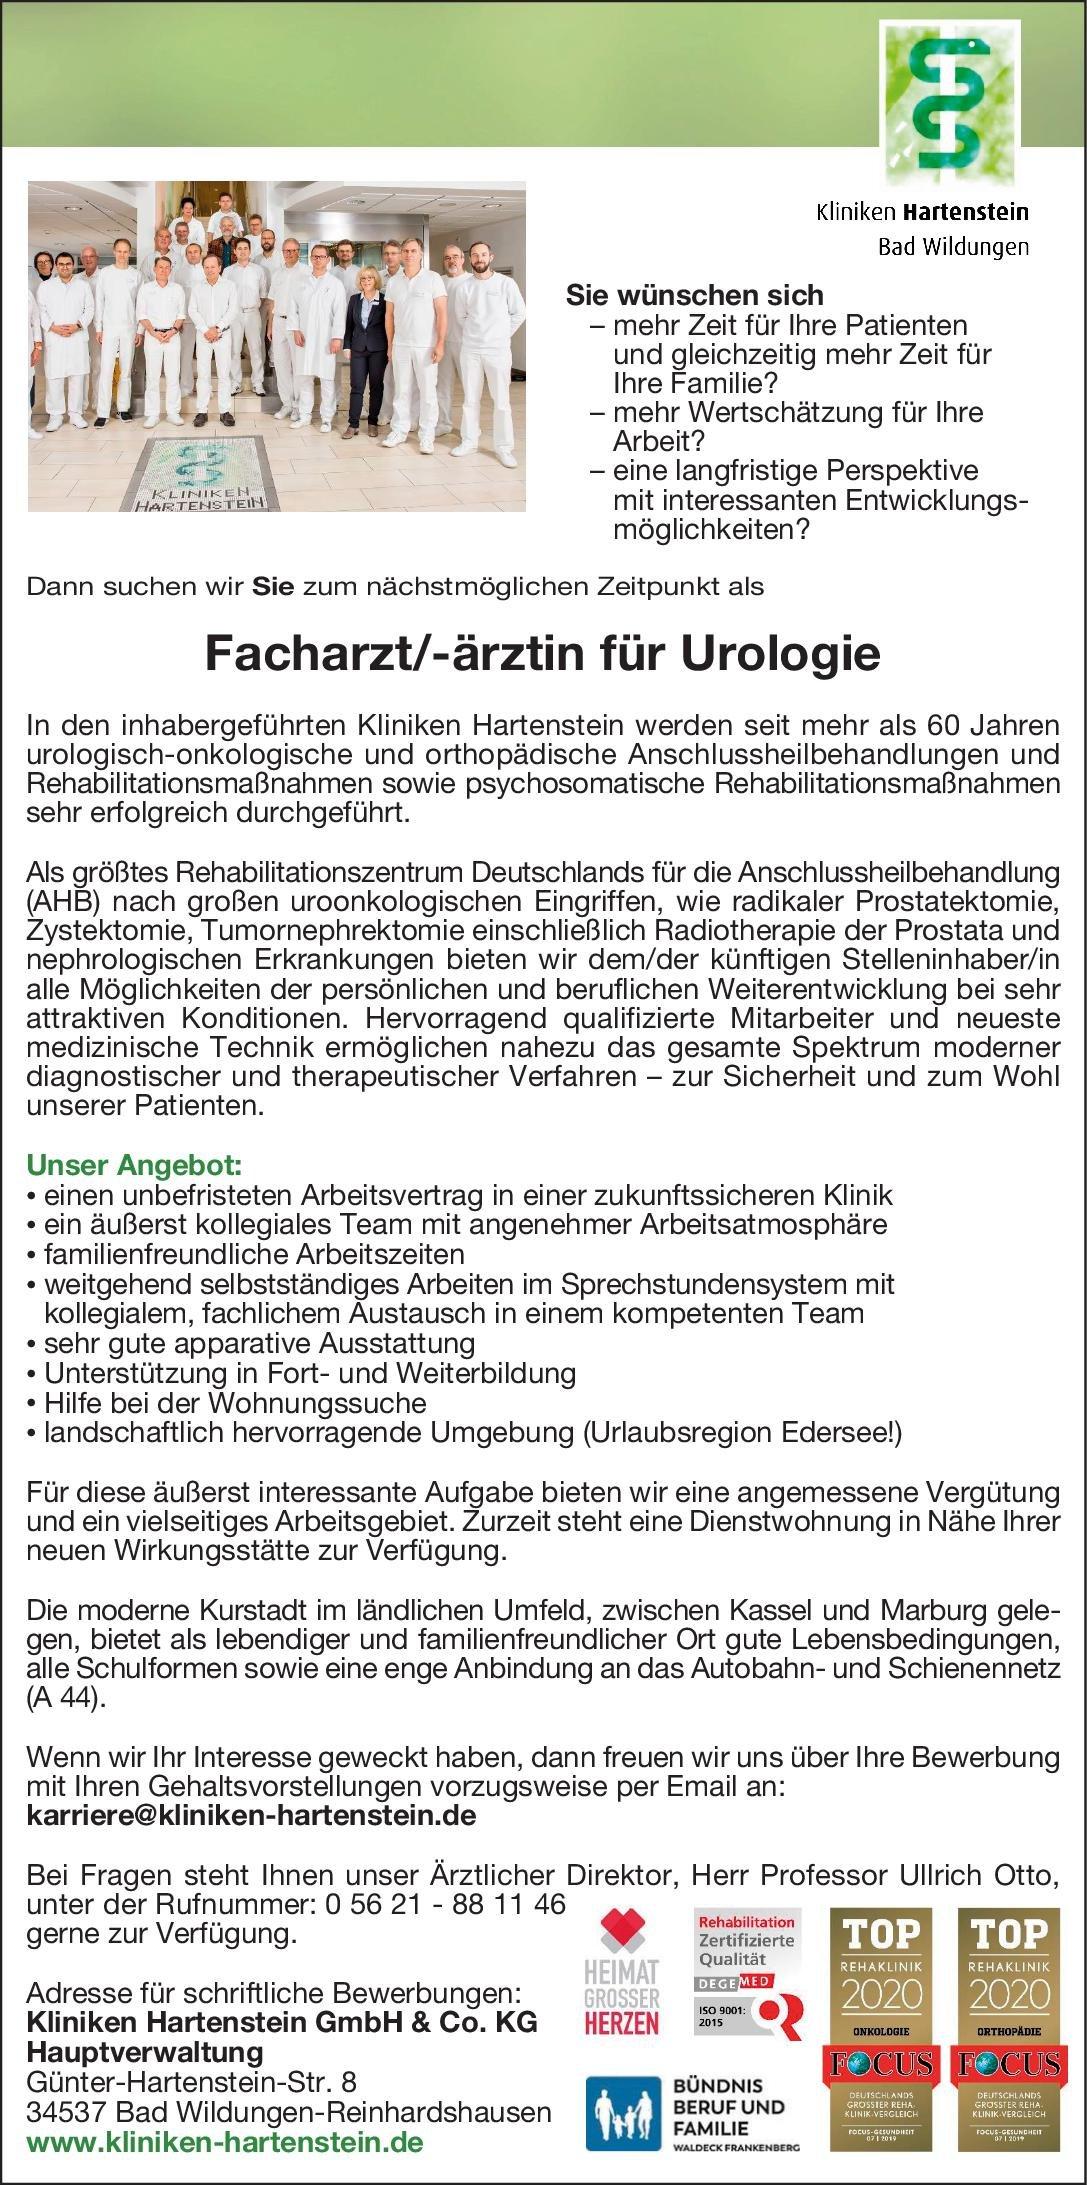 Kliniken Hartenstein Facharzt/-ärztin für Urologie Urologie Arzt / Facharzt